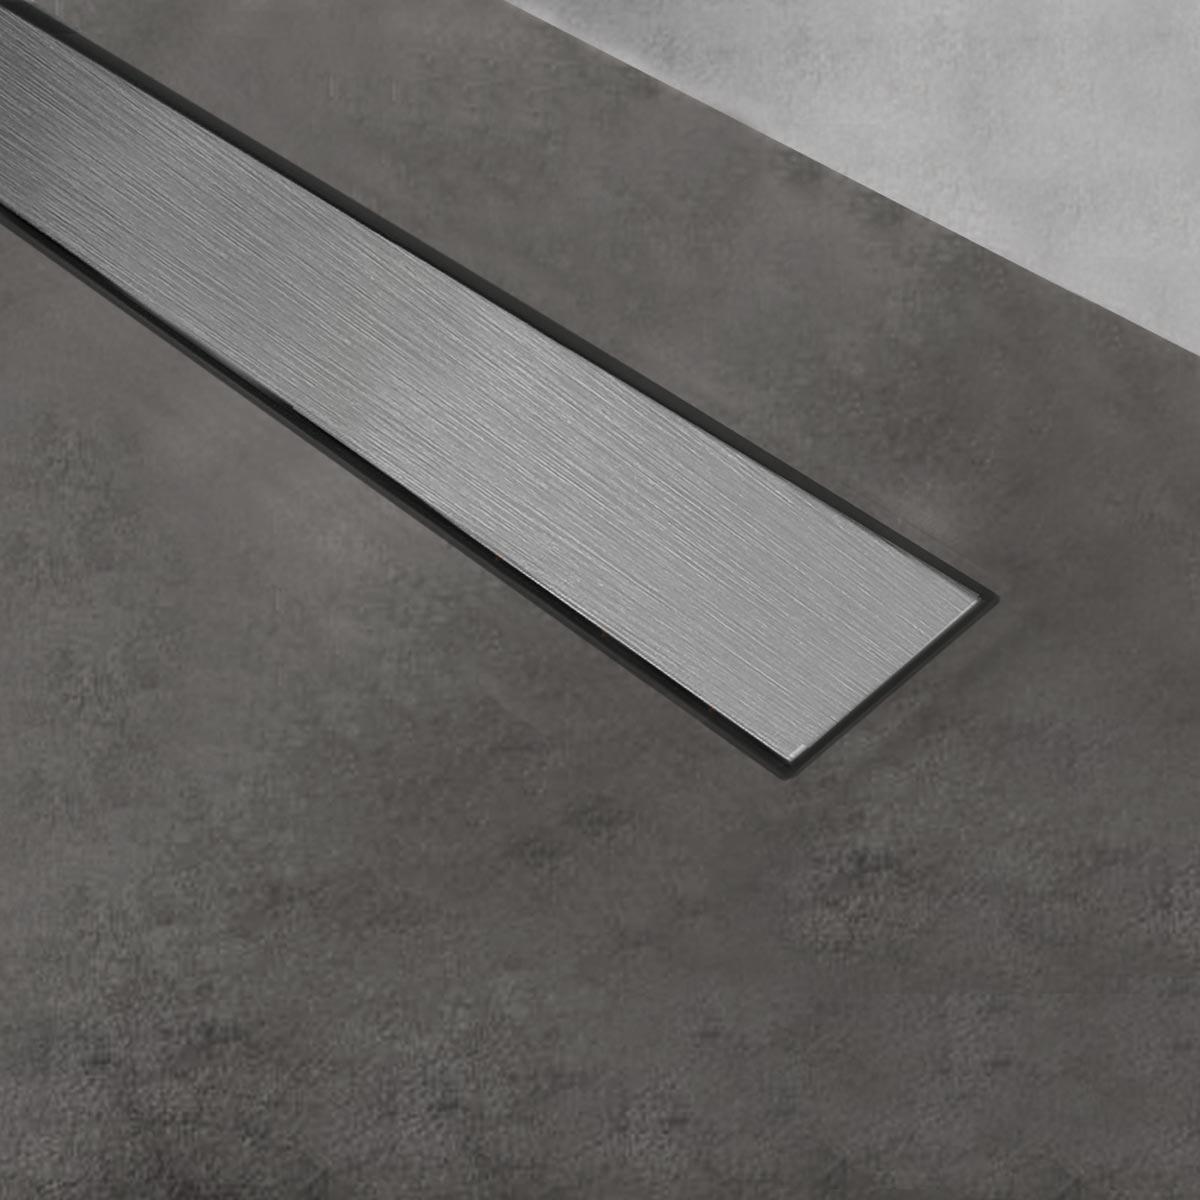 Sistemi di Drenaggio Showertec Linear STL C IS Profilitec